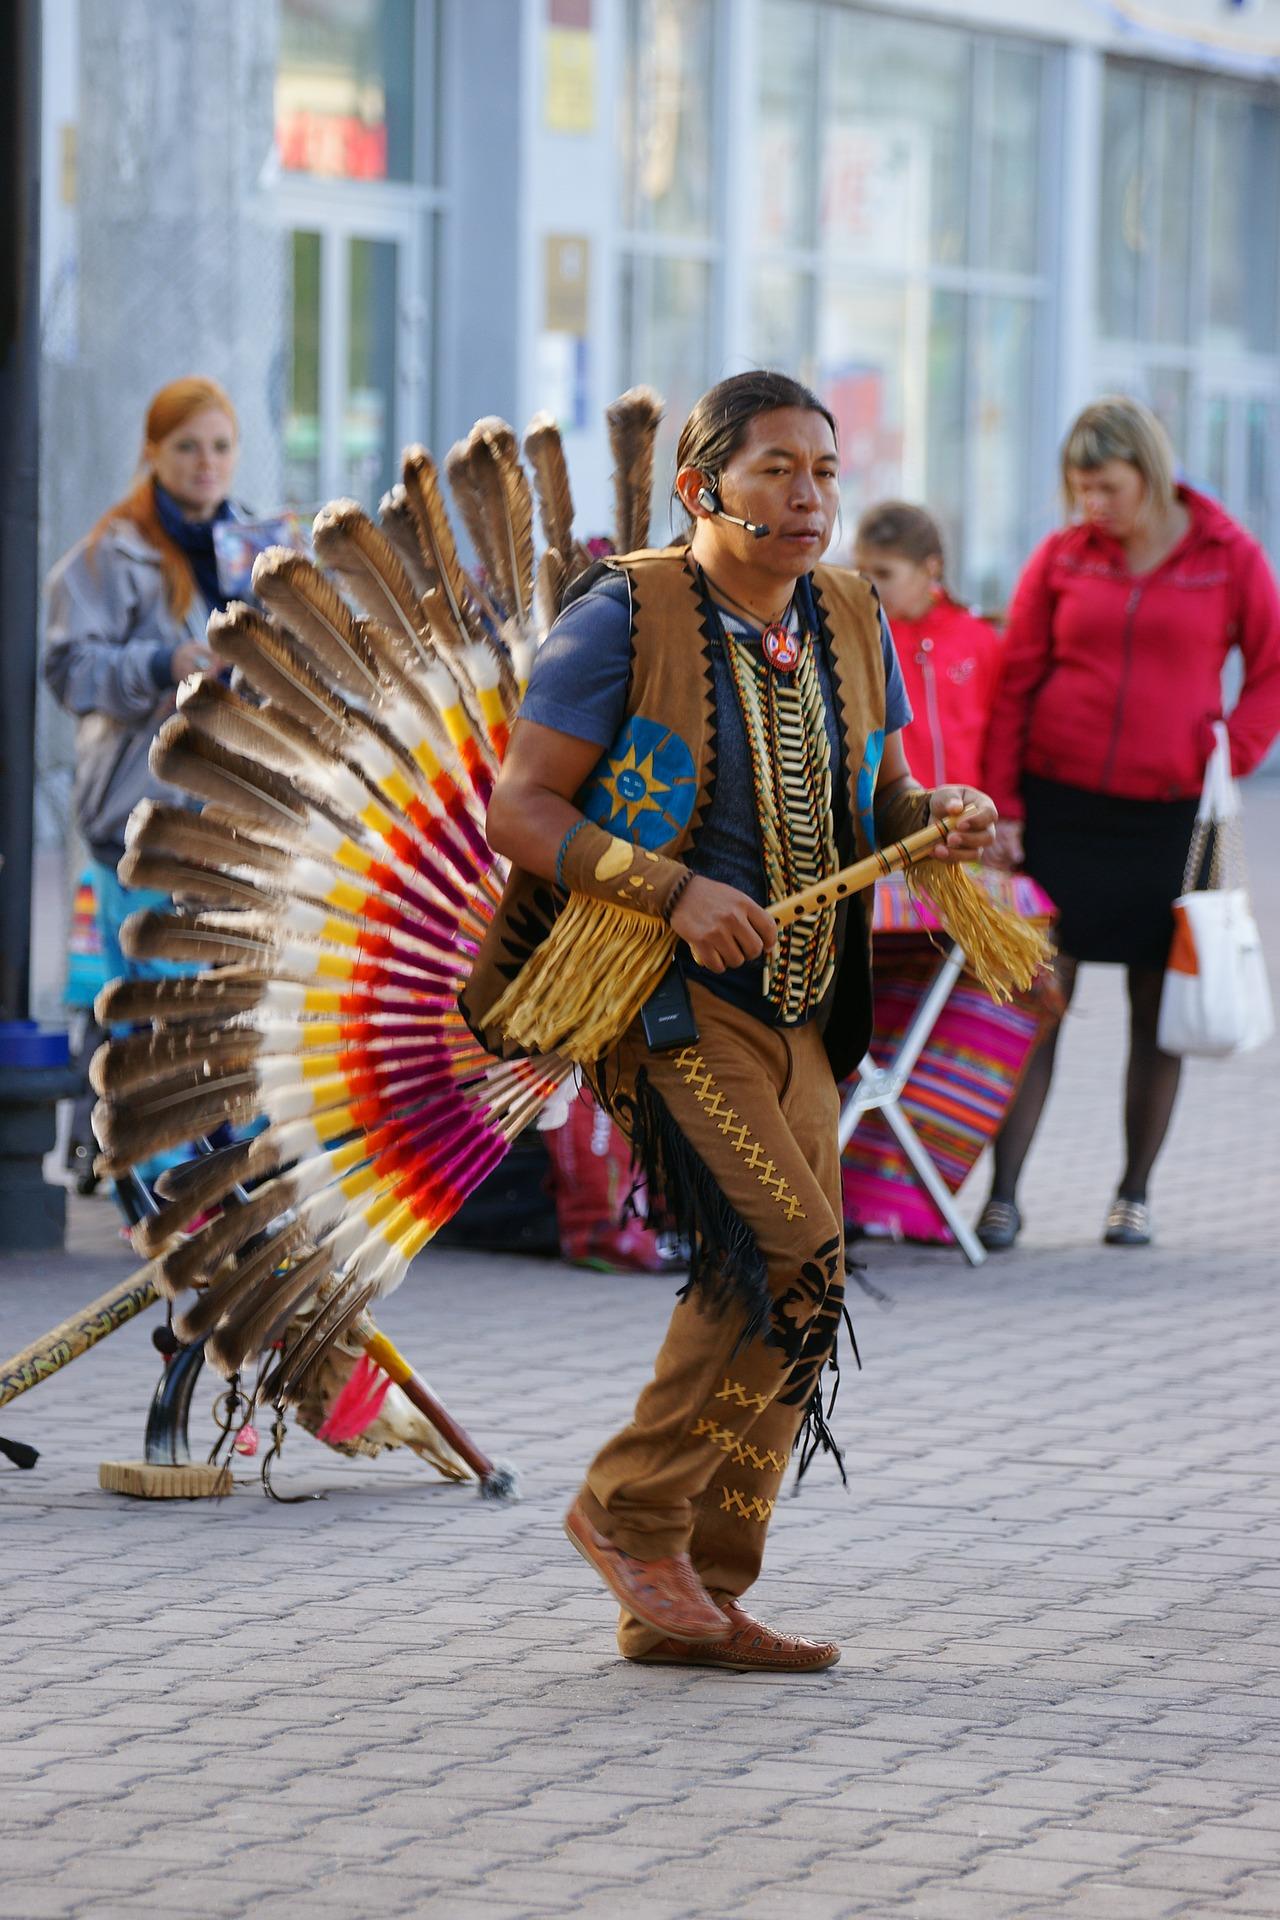 Chcesz poznać przedmioty, jakimi posługiwali się Indianie żyjących w Amazonii?  Zobacz wystawę w Młynie Zamkowym w Słupsku